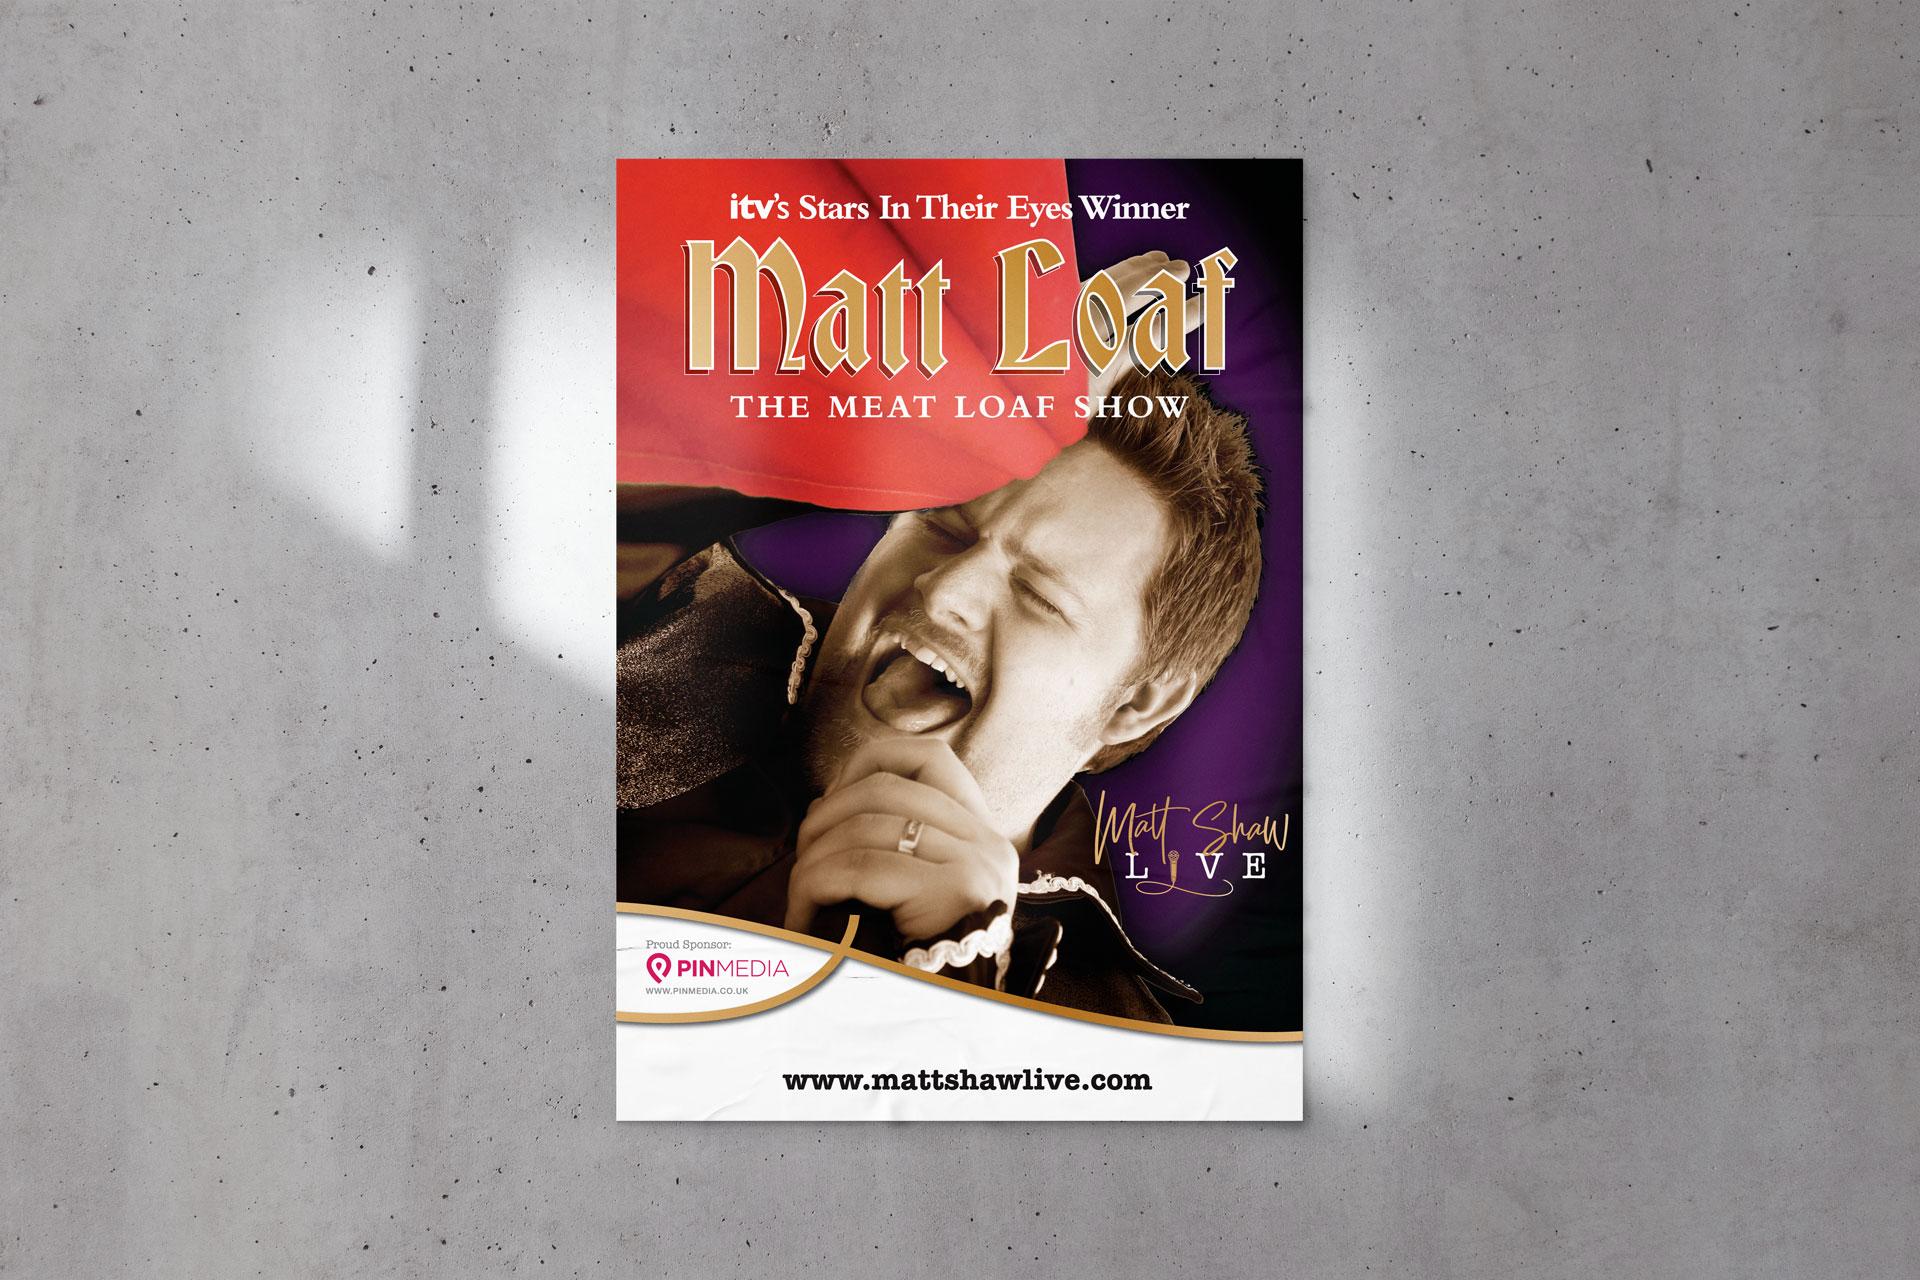 matt shaw poster design